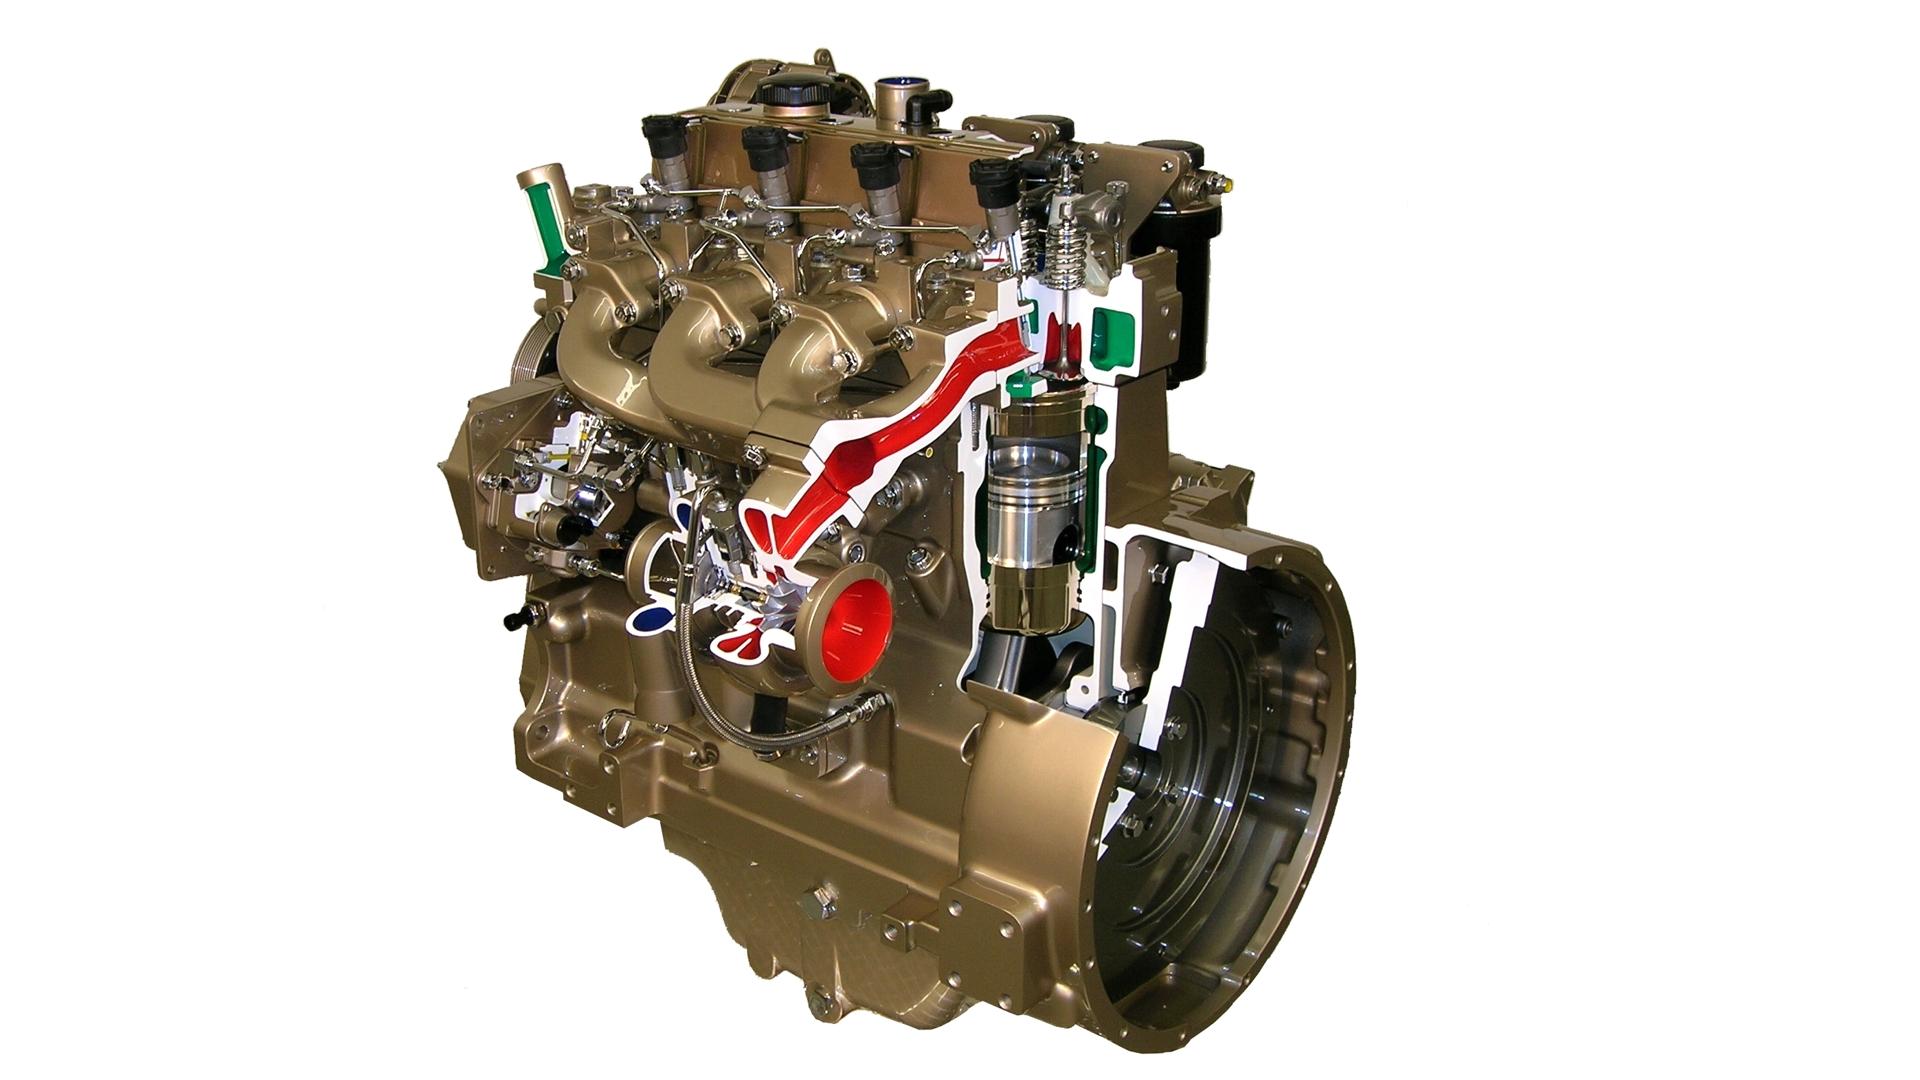 John Deere Diesel Engine Cutaway Display